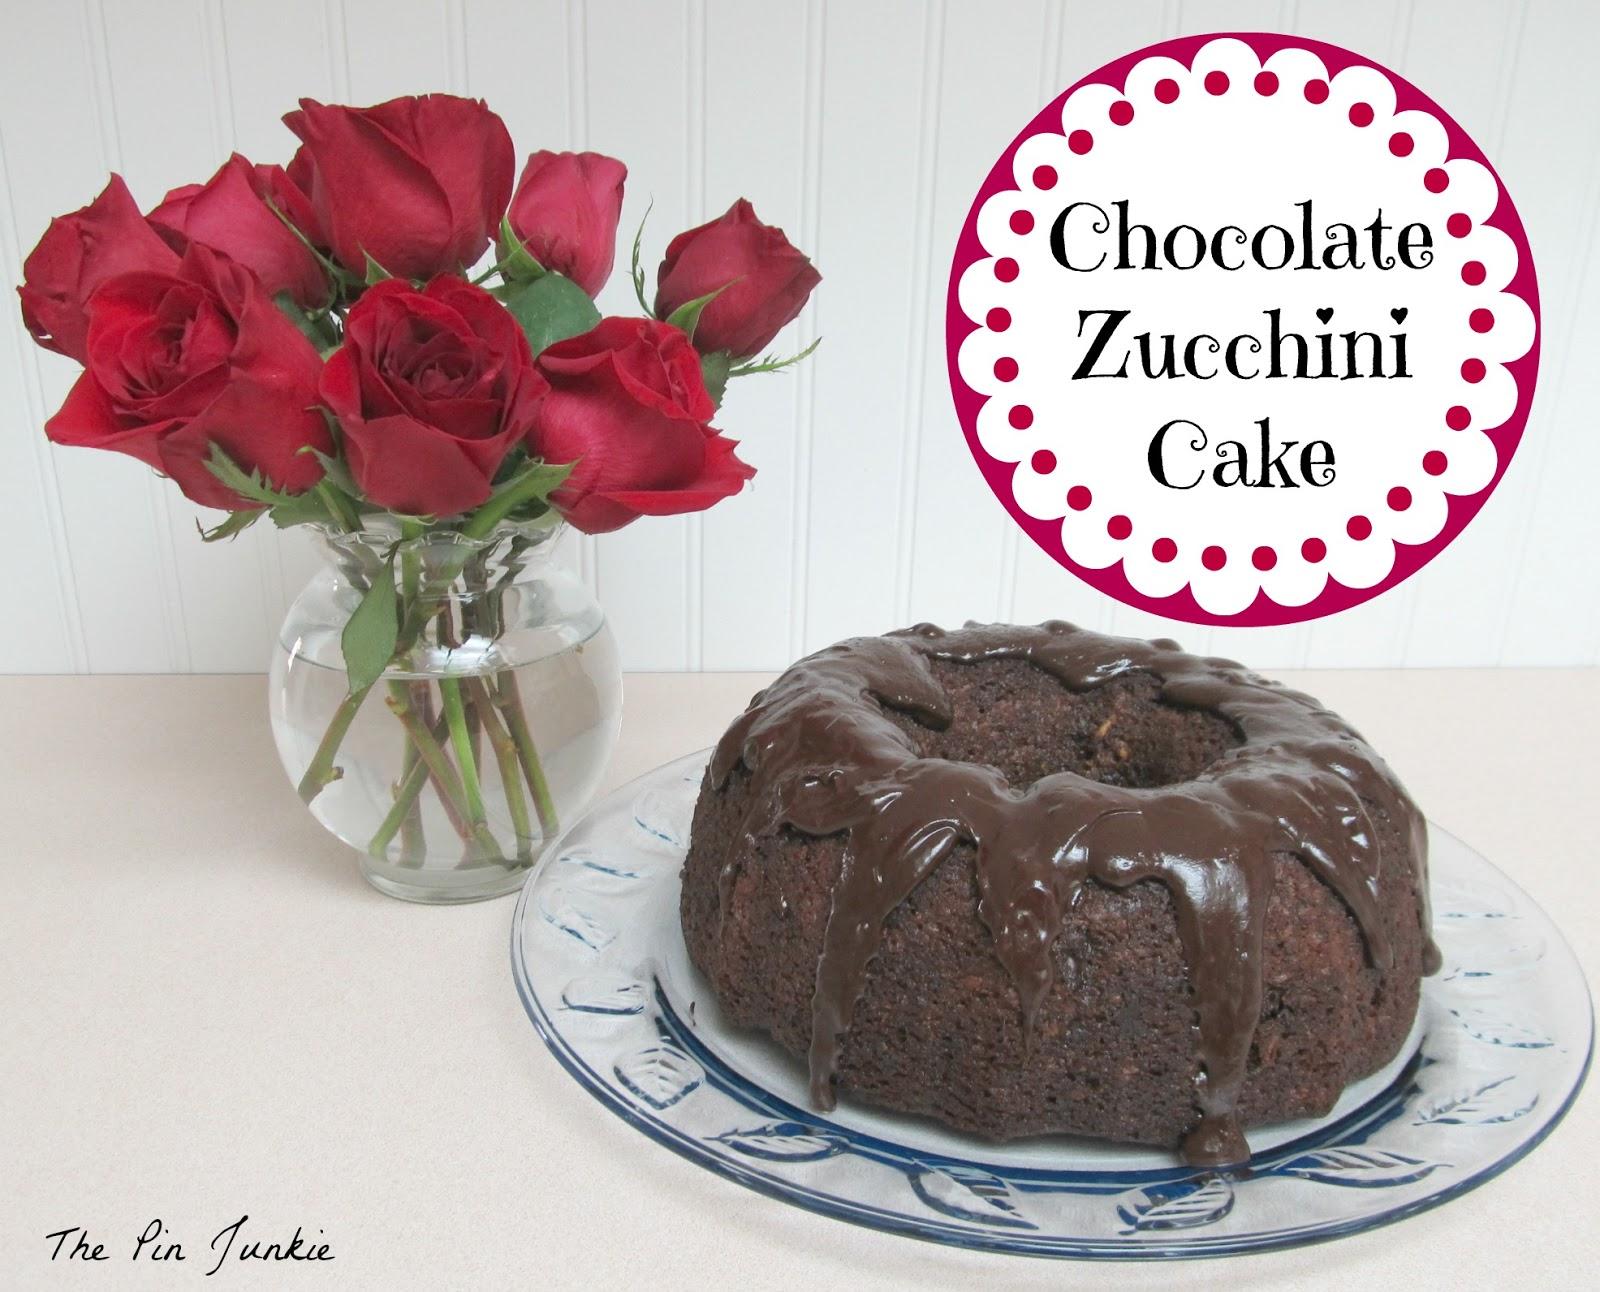 The Pin Junkie: Chocolate Zucchini Cake